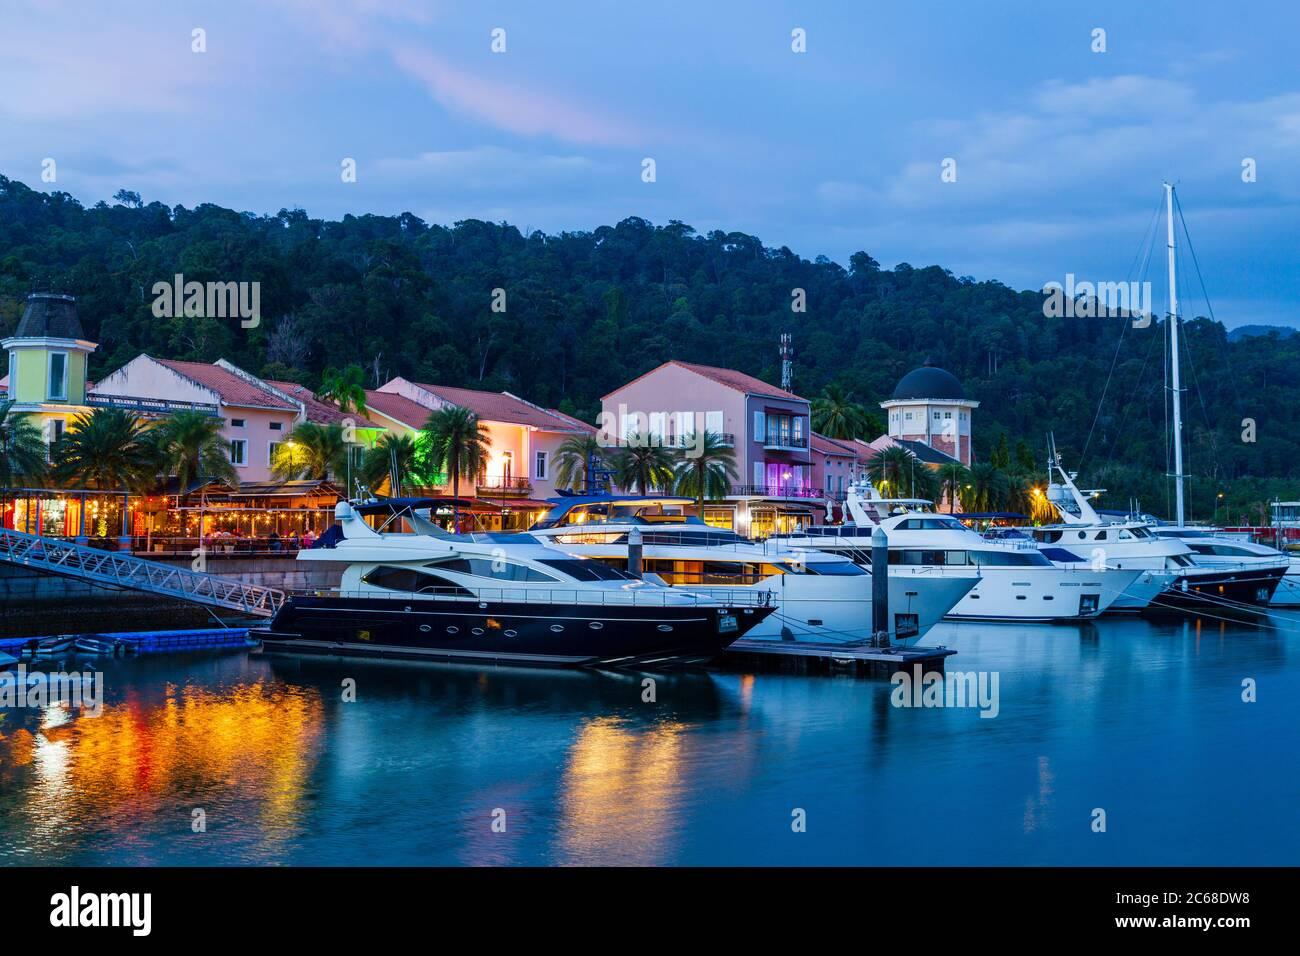 Langkawi, oficialmente conocido como Langkawi, la joya de Kedah, es un distrito y un archipiélago de 99 islas en el mar de Andamán a unos 30 km del principal Foto de stock